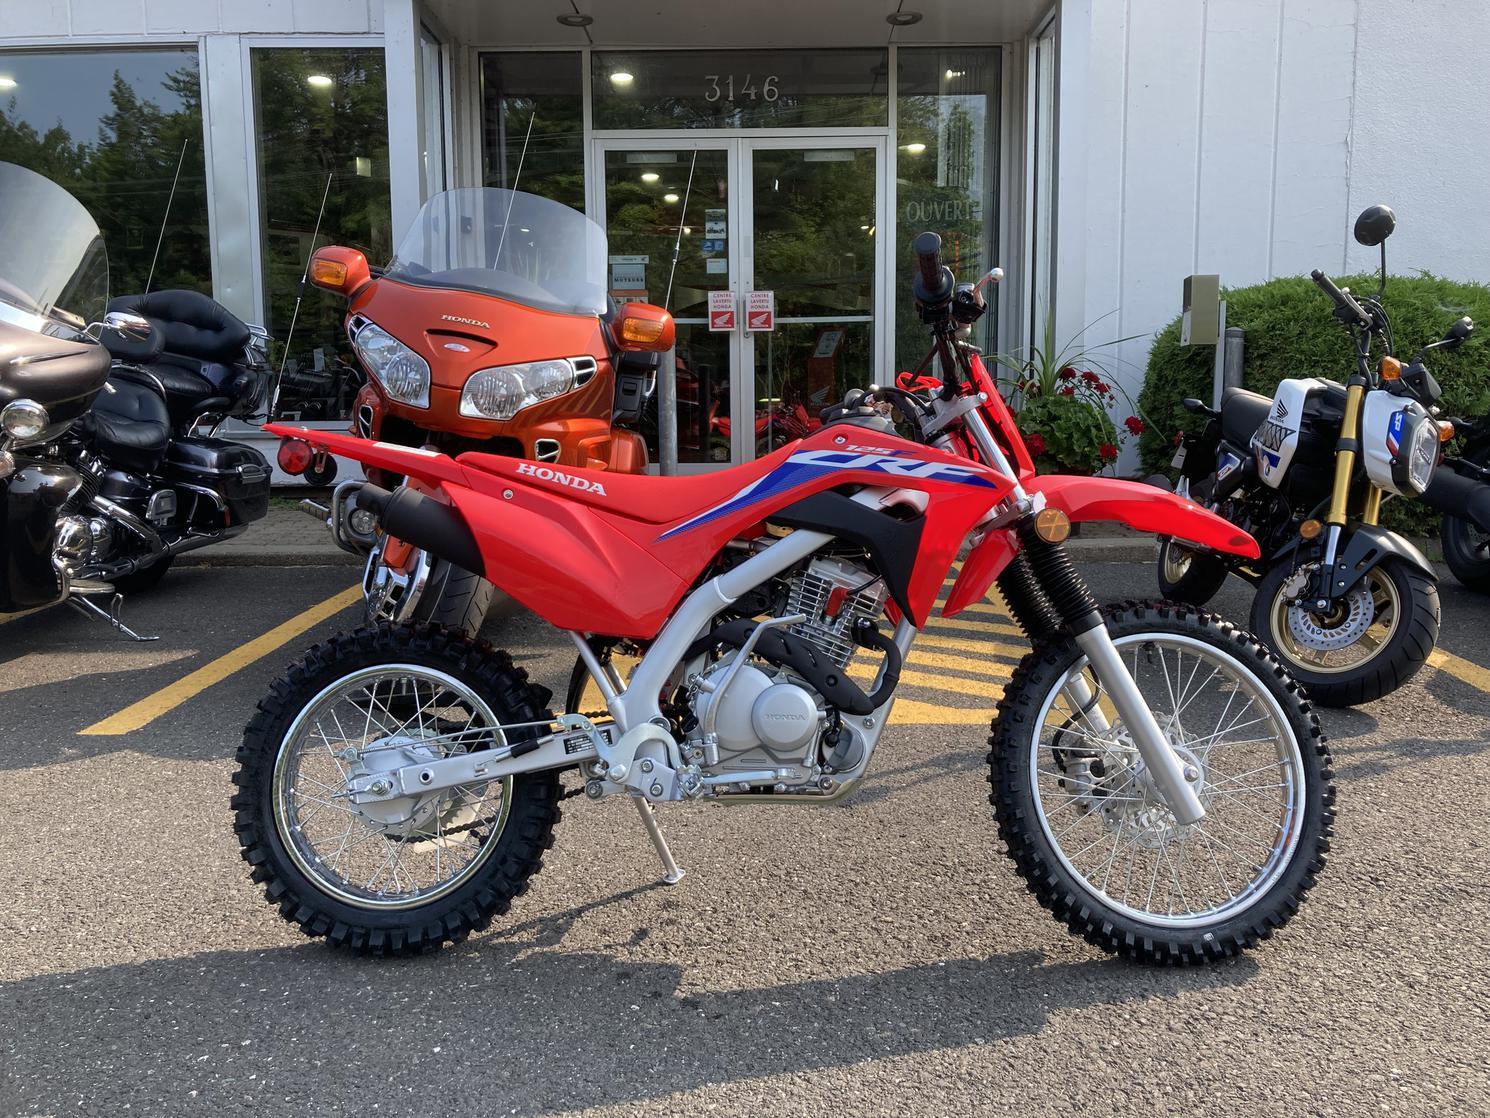 Honda CRF 125 FN 2022